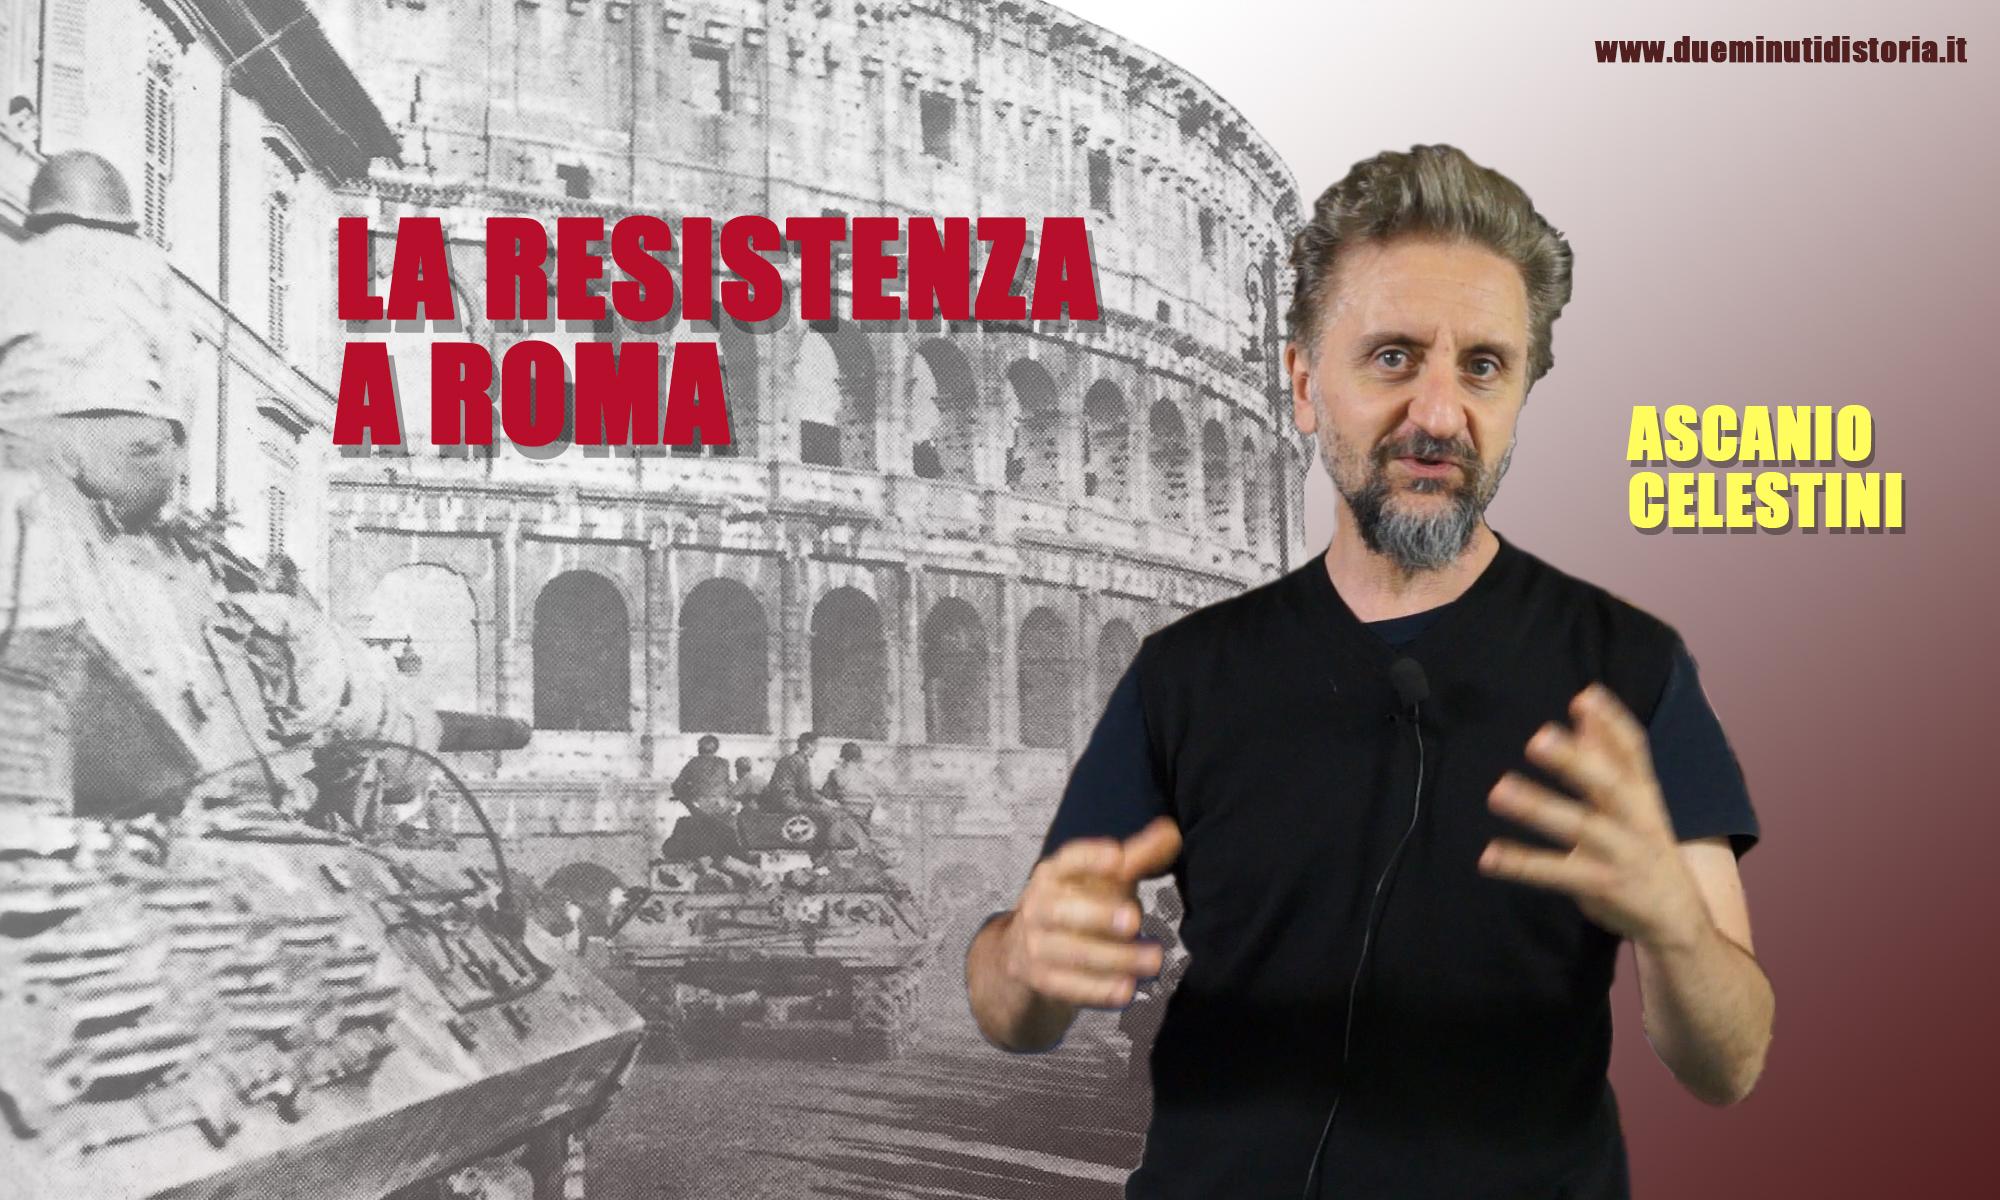 La Resistenza a Roma